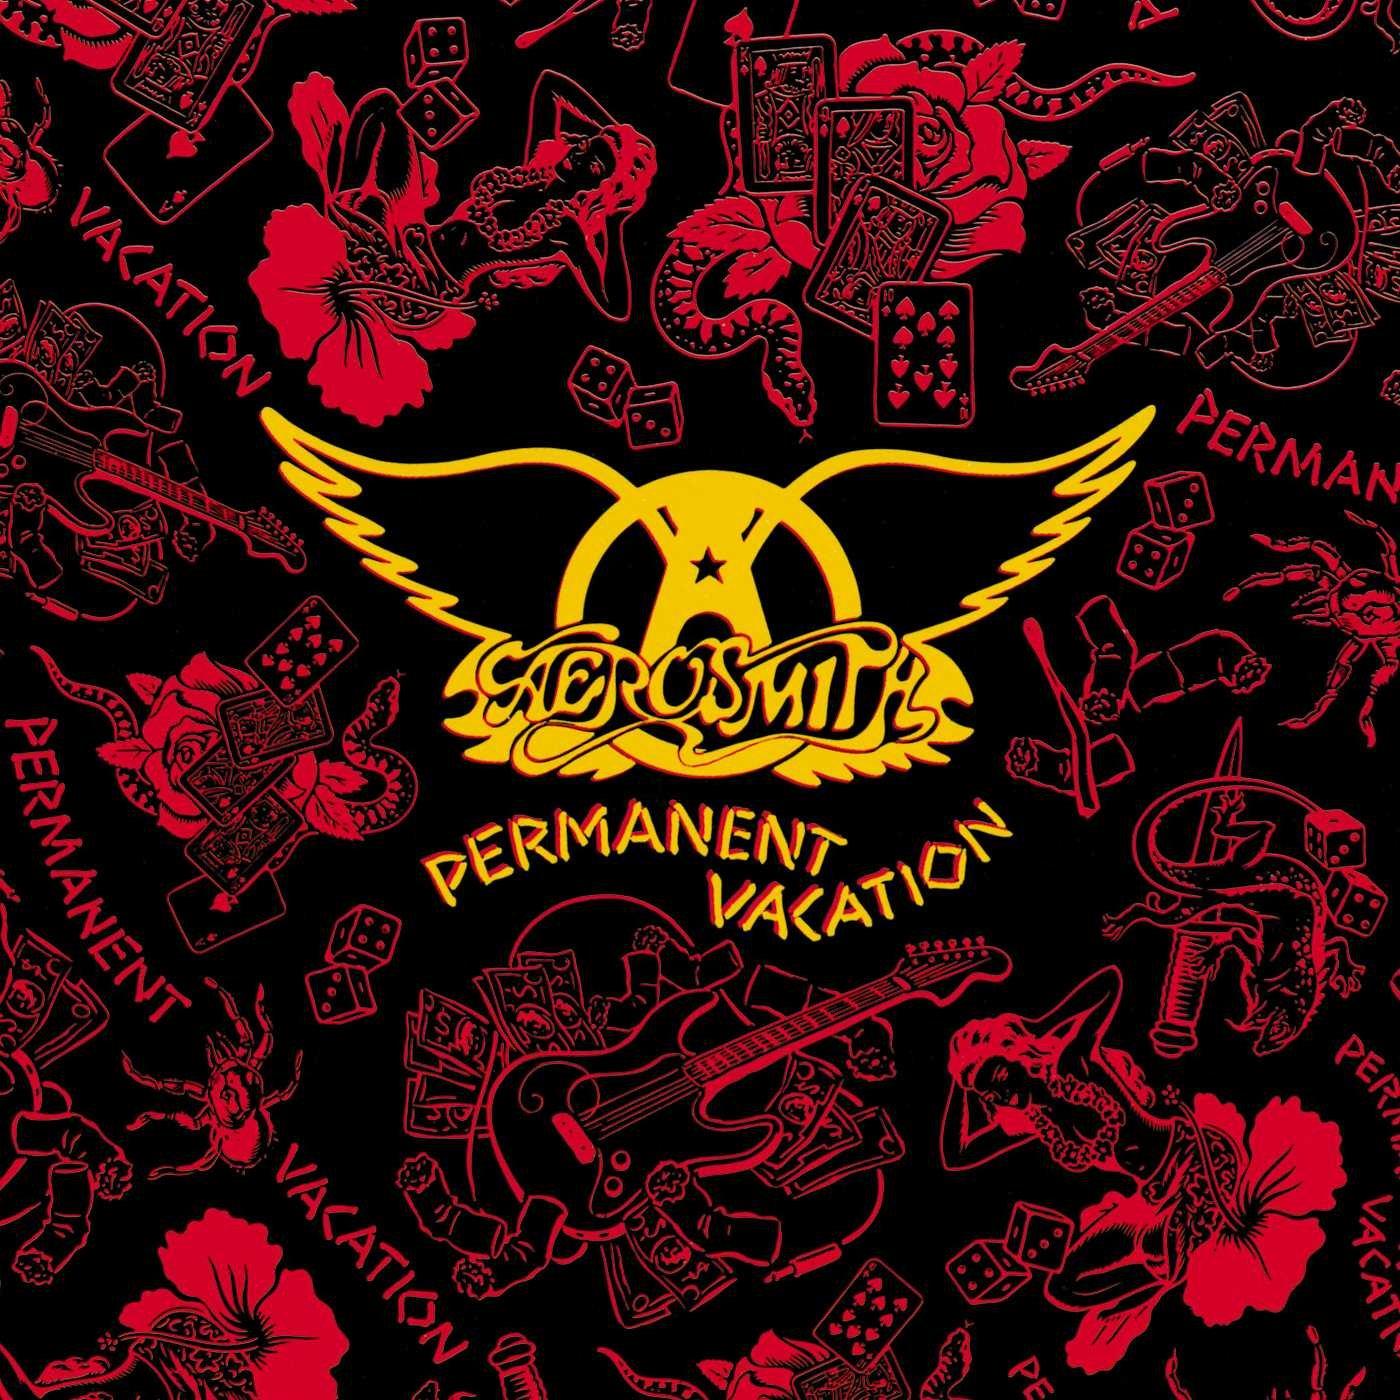 CD : Aerosmith - Permanent Vacation